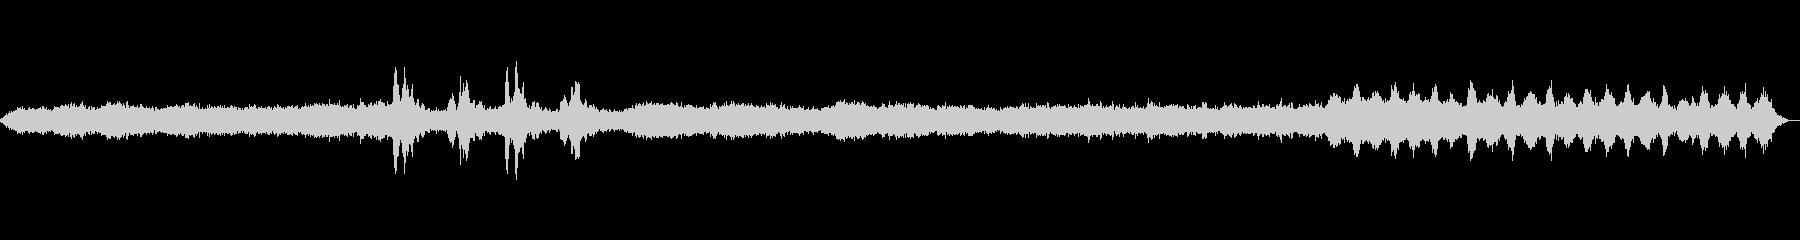 不穏なイメージのBGM、幻覚のインスト音の未再生の波形